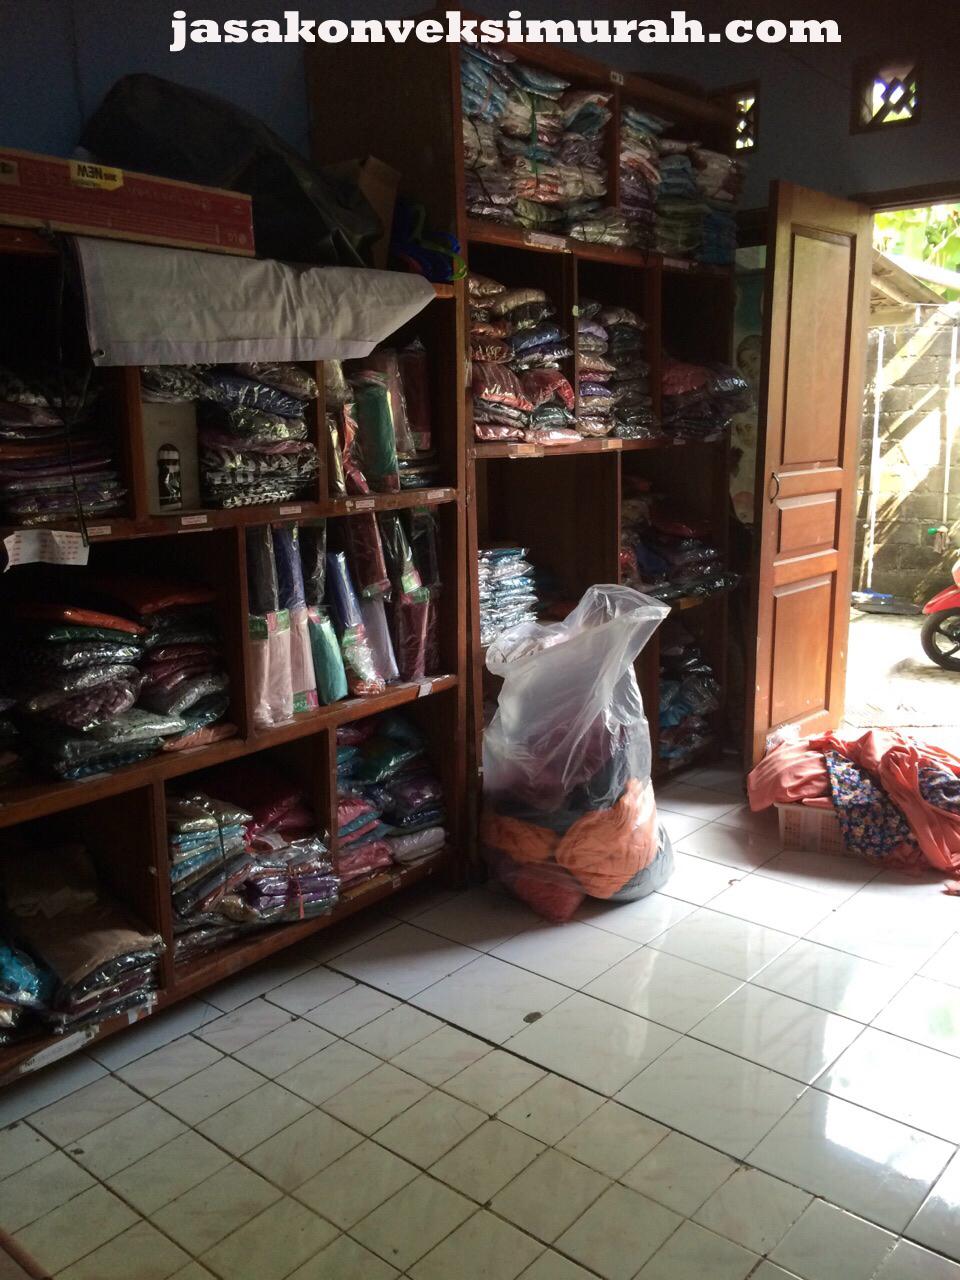 Jasa Konveksi Murah di Tirtayasa Jakarta Selatan